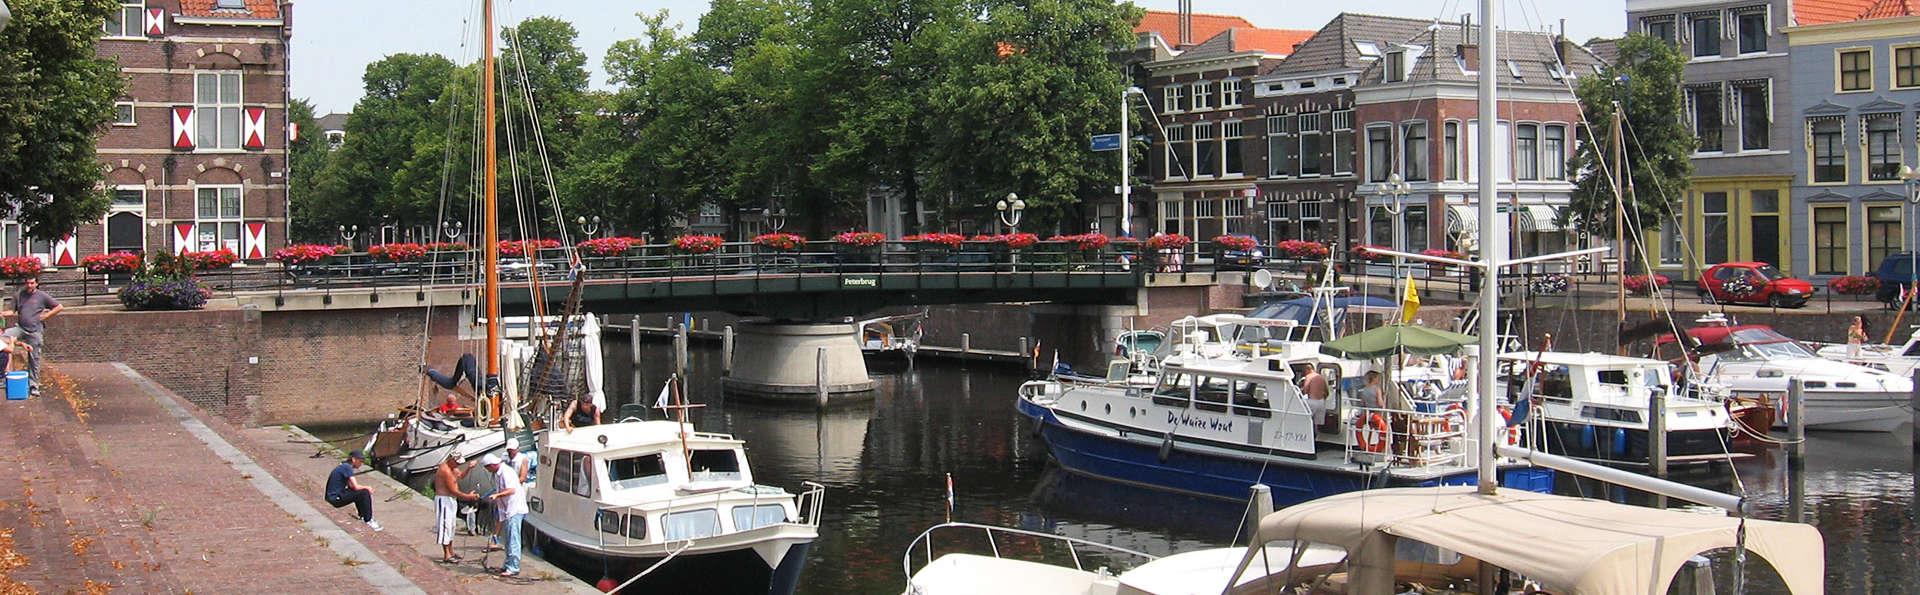 Visita la ciudad de Gorinchem y admira las vistas del río Waal